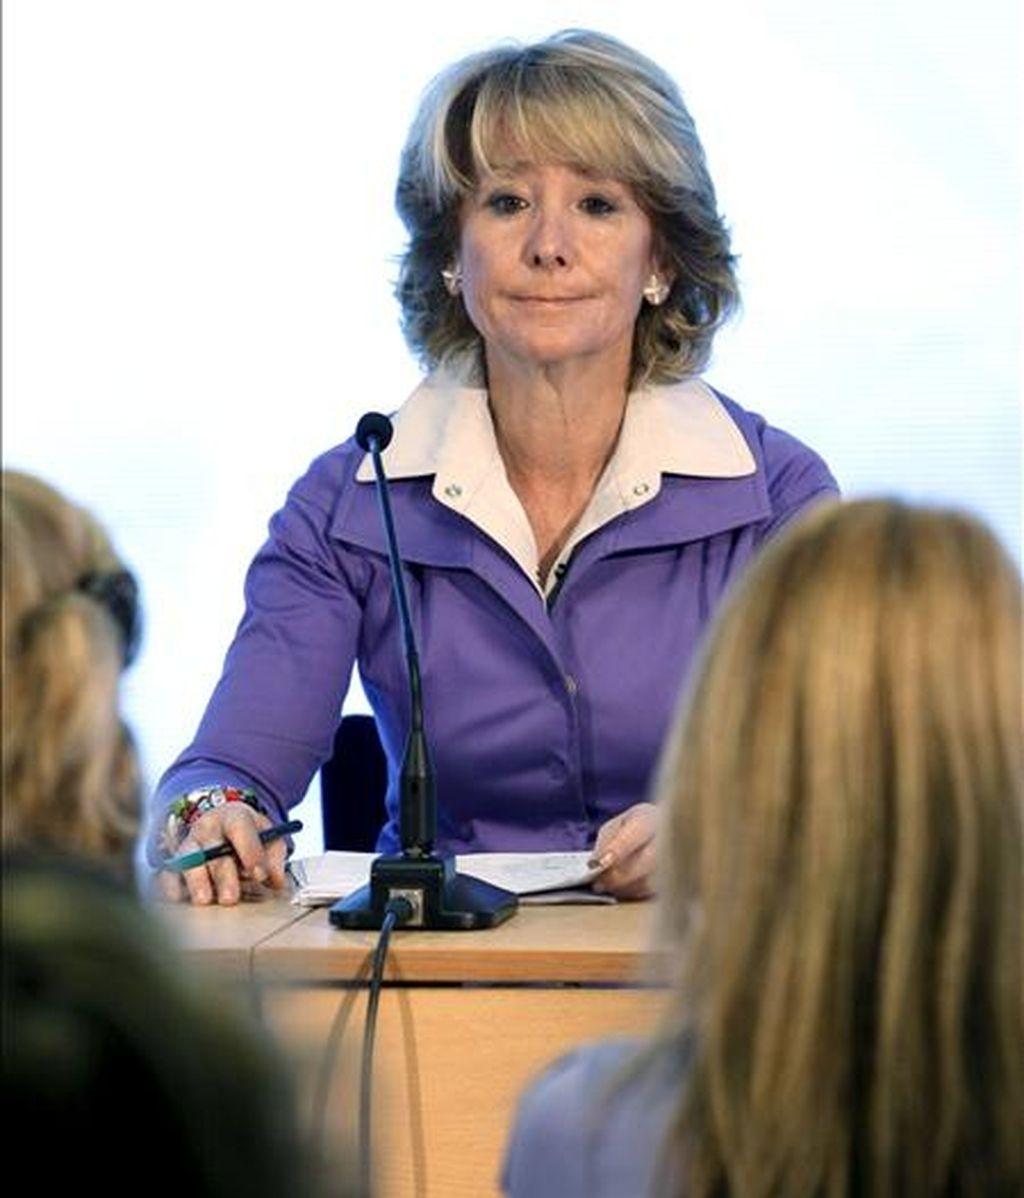 La presidenta del PP madrileño, Esperanza Aguirre. EFE/Archivo